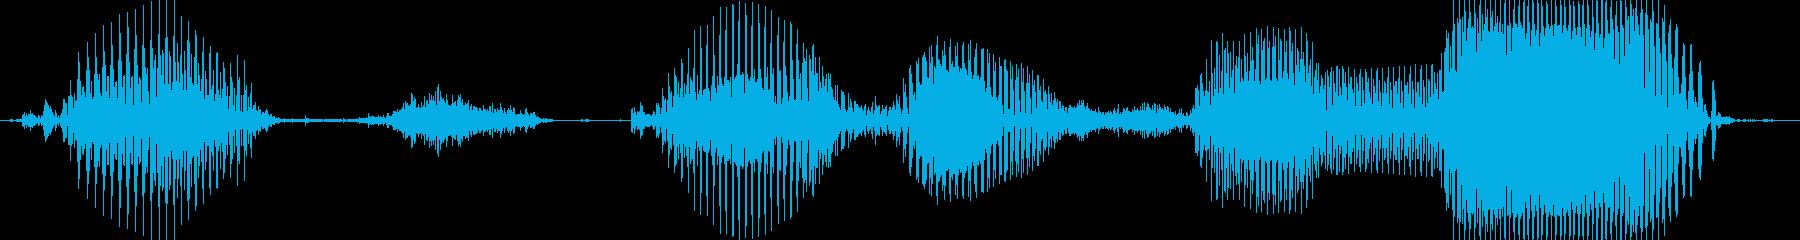 おつかれさま!の再生済みの波形